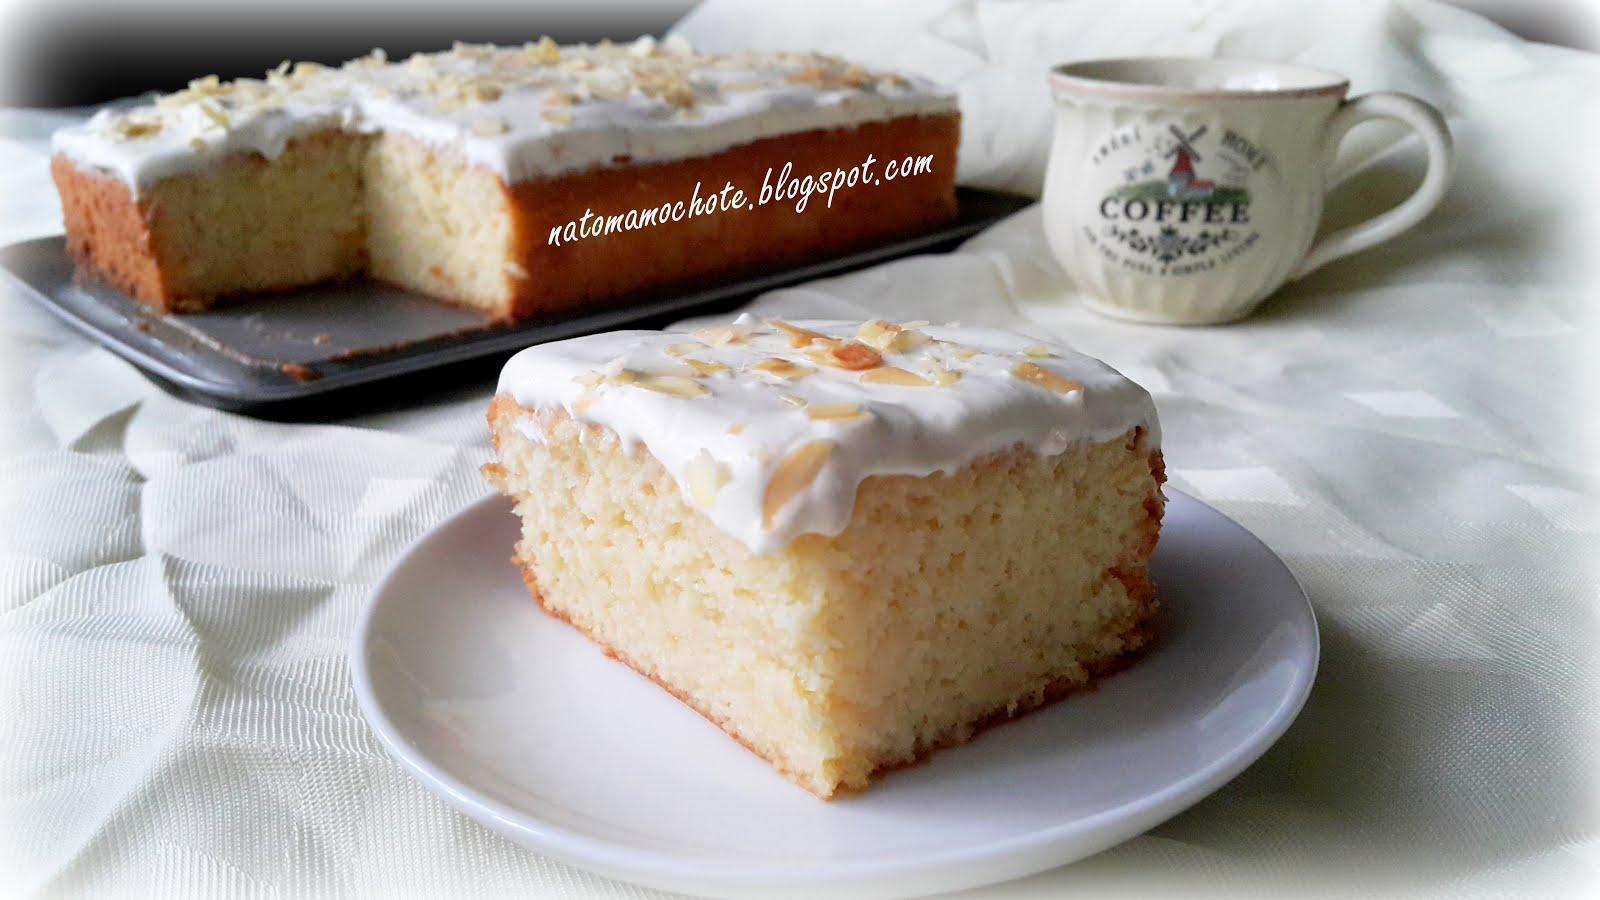 Ciasto Potrójnie Mleczne - Tres Leches Cake